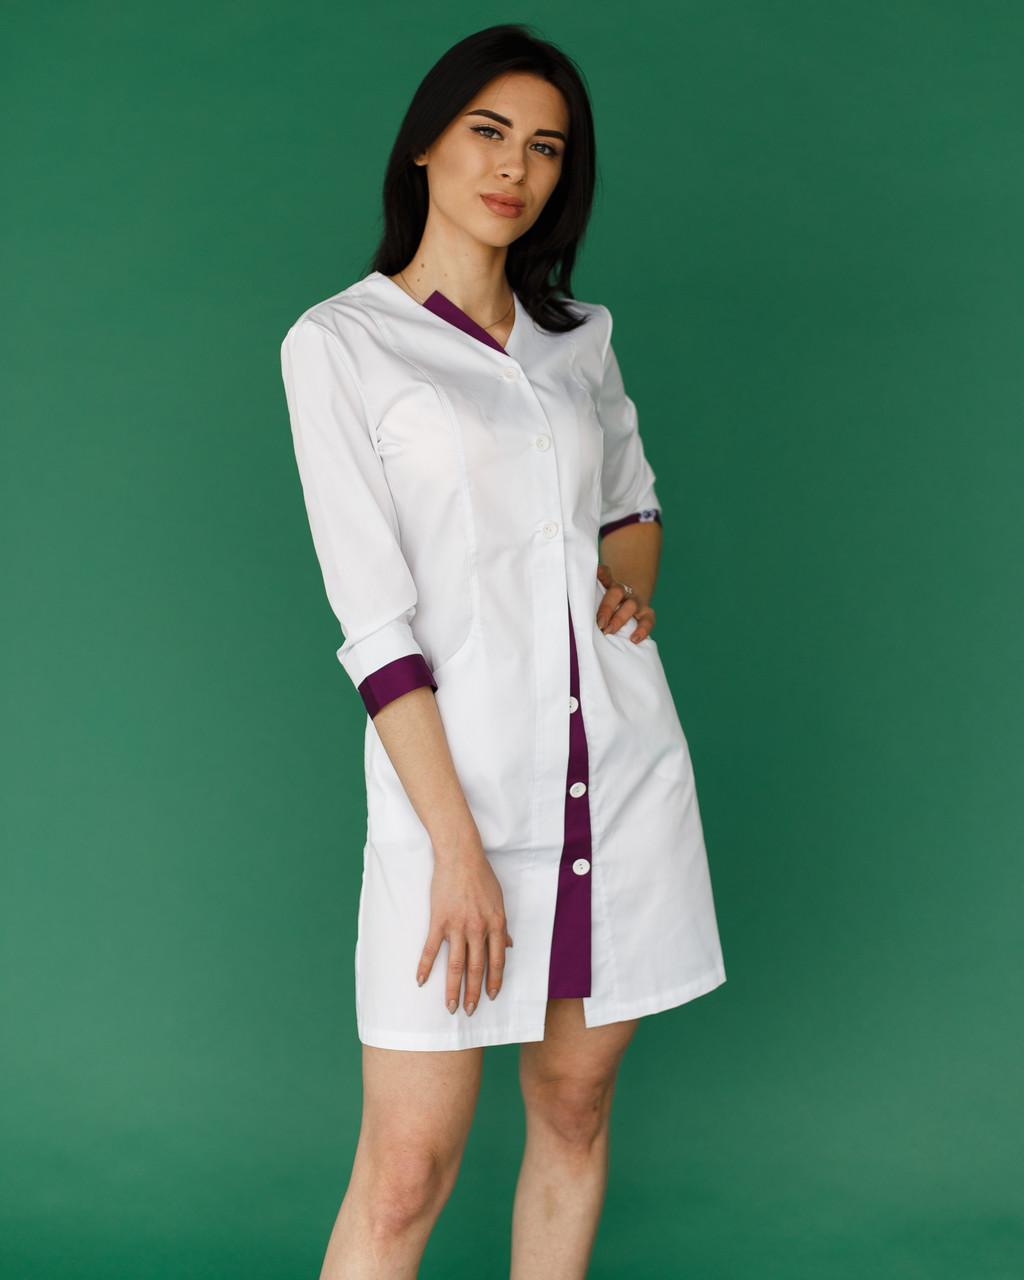 Медичний халат Олівія білий-фіолетовий на гудзиках